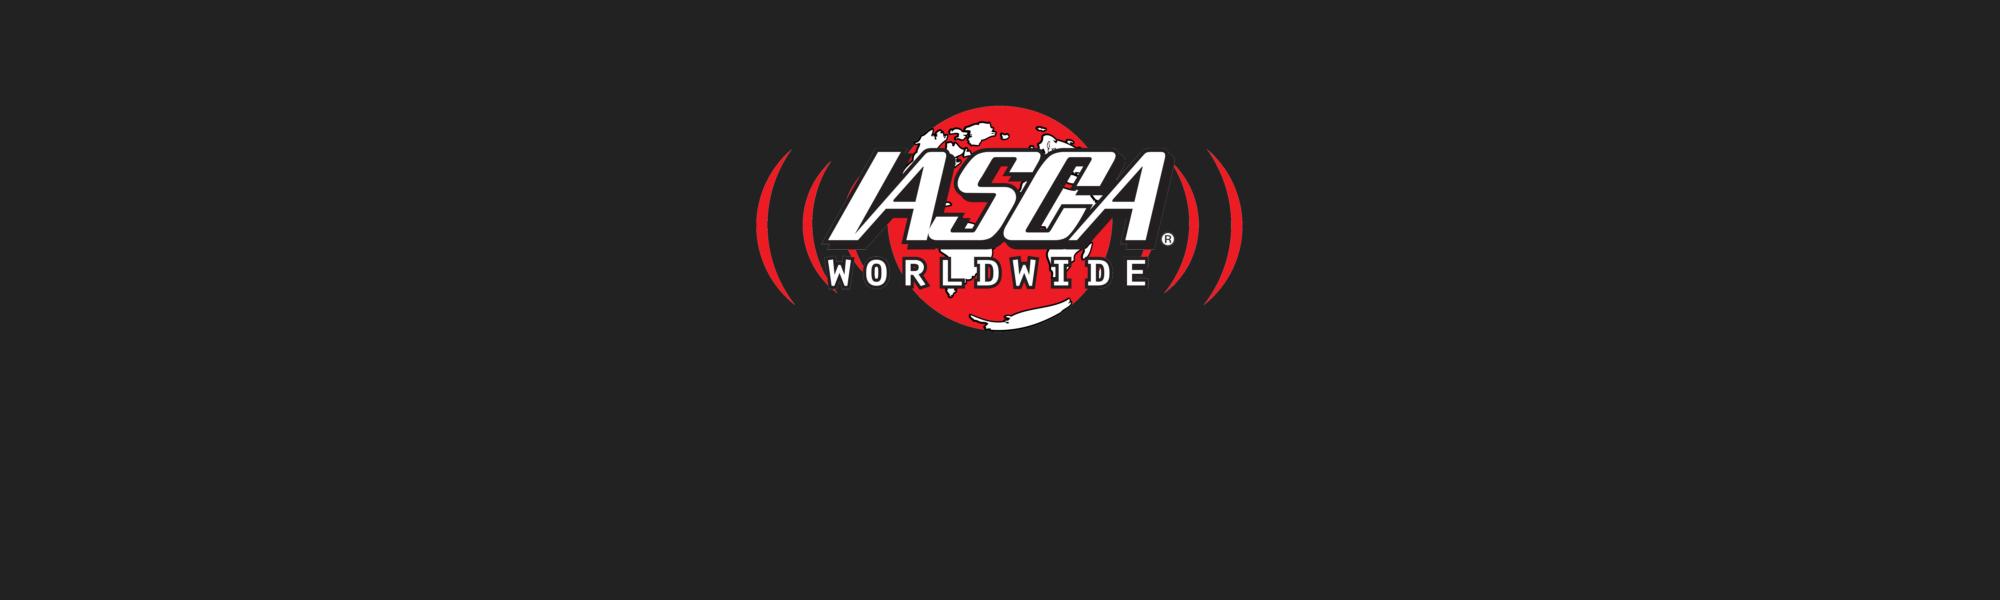 IASCA Worldwide, Inc.